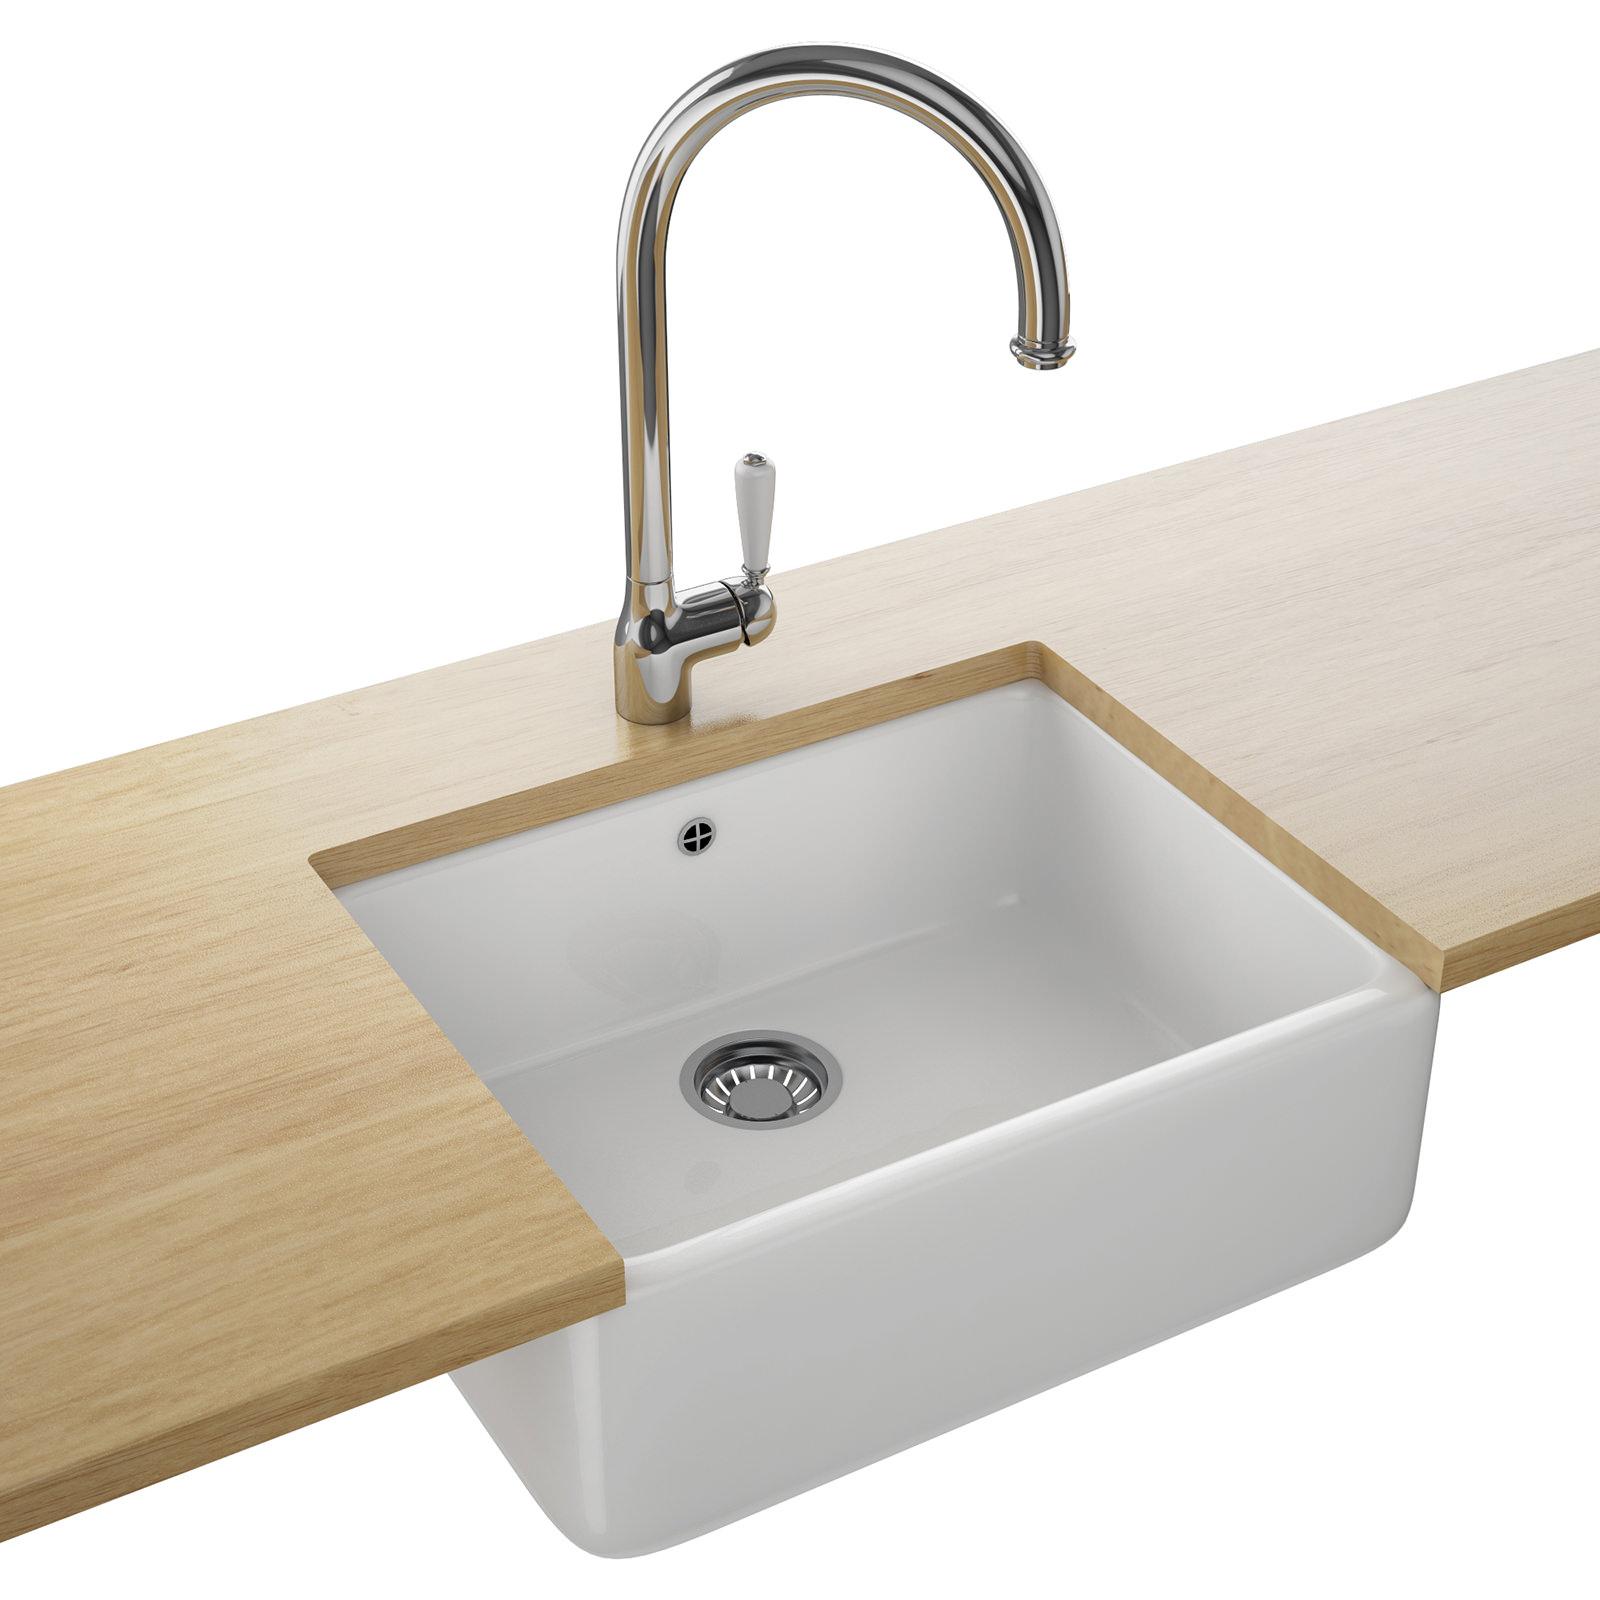 franco kitchen sinks best lighting franke belfast designer pack vbk 710 ceramic white